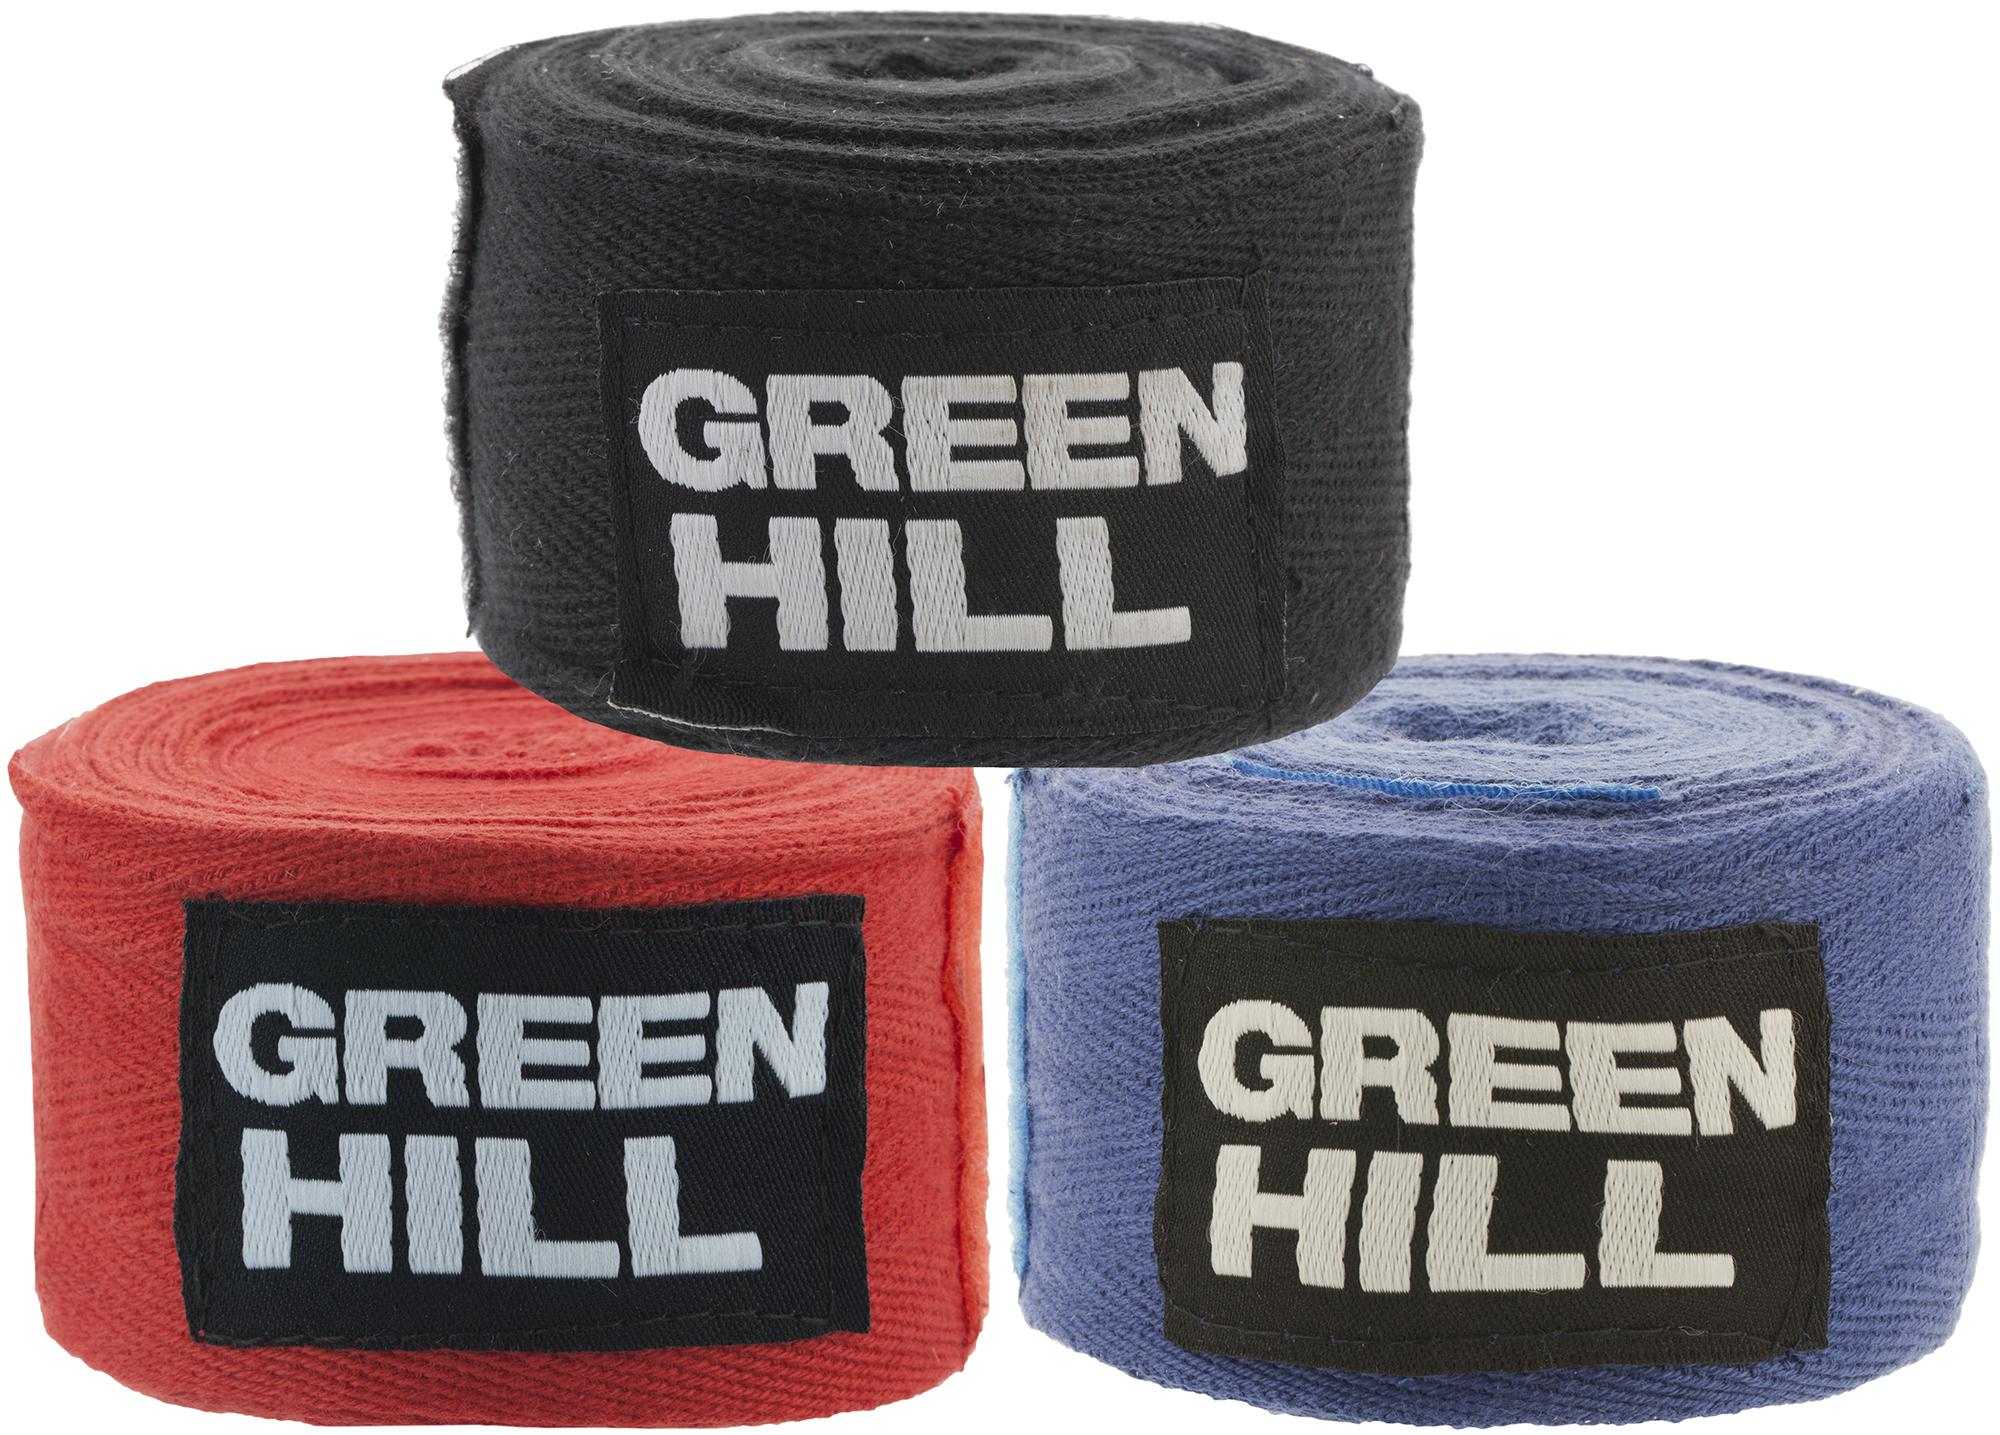 Green Hill Бинт Green Hill, 3,5 м, 2 шт., размер Без размера